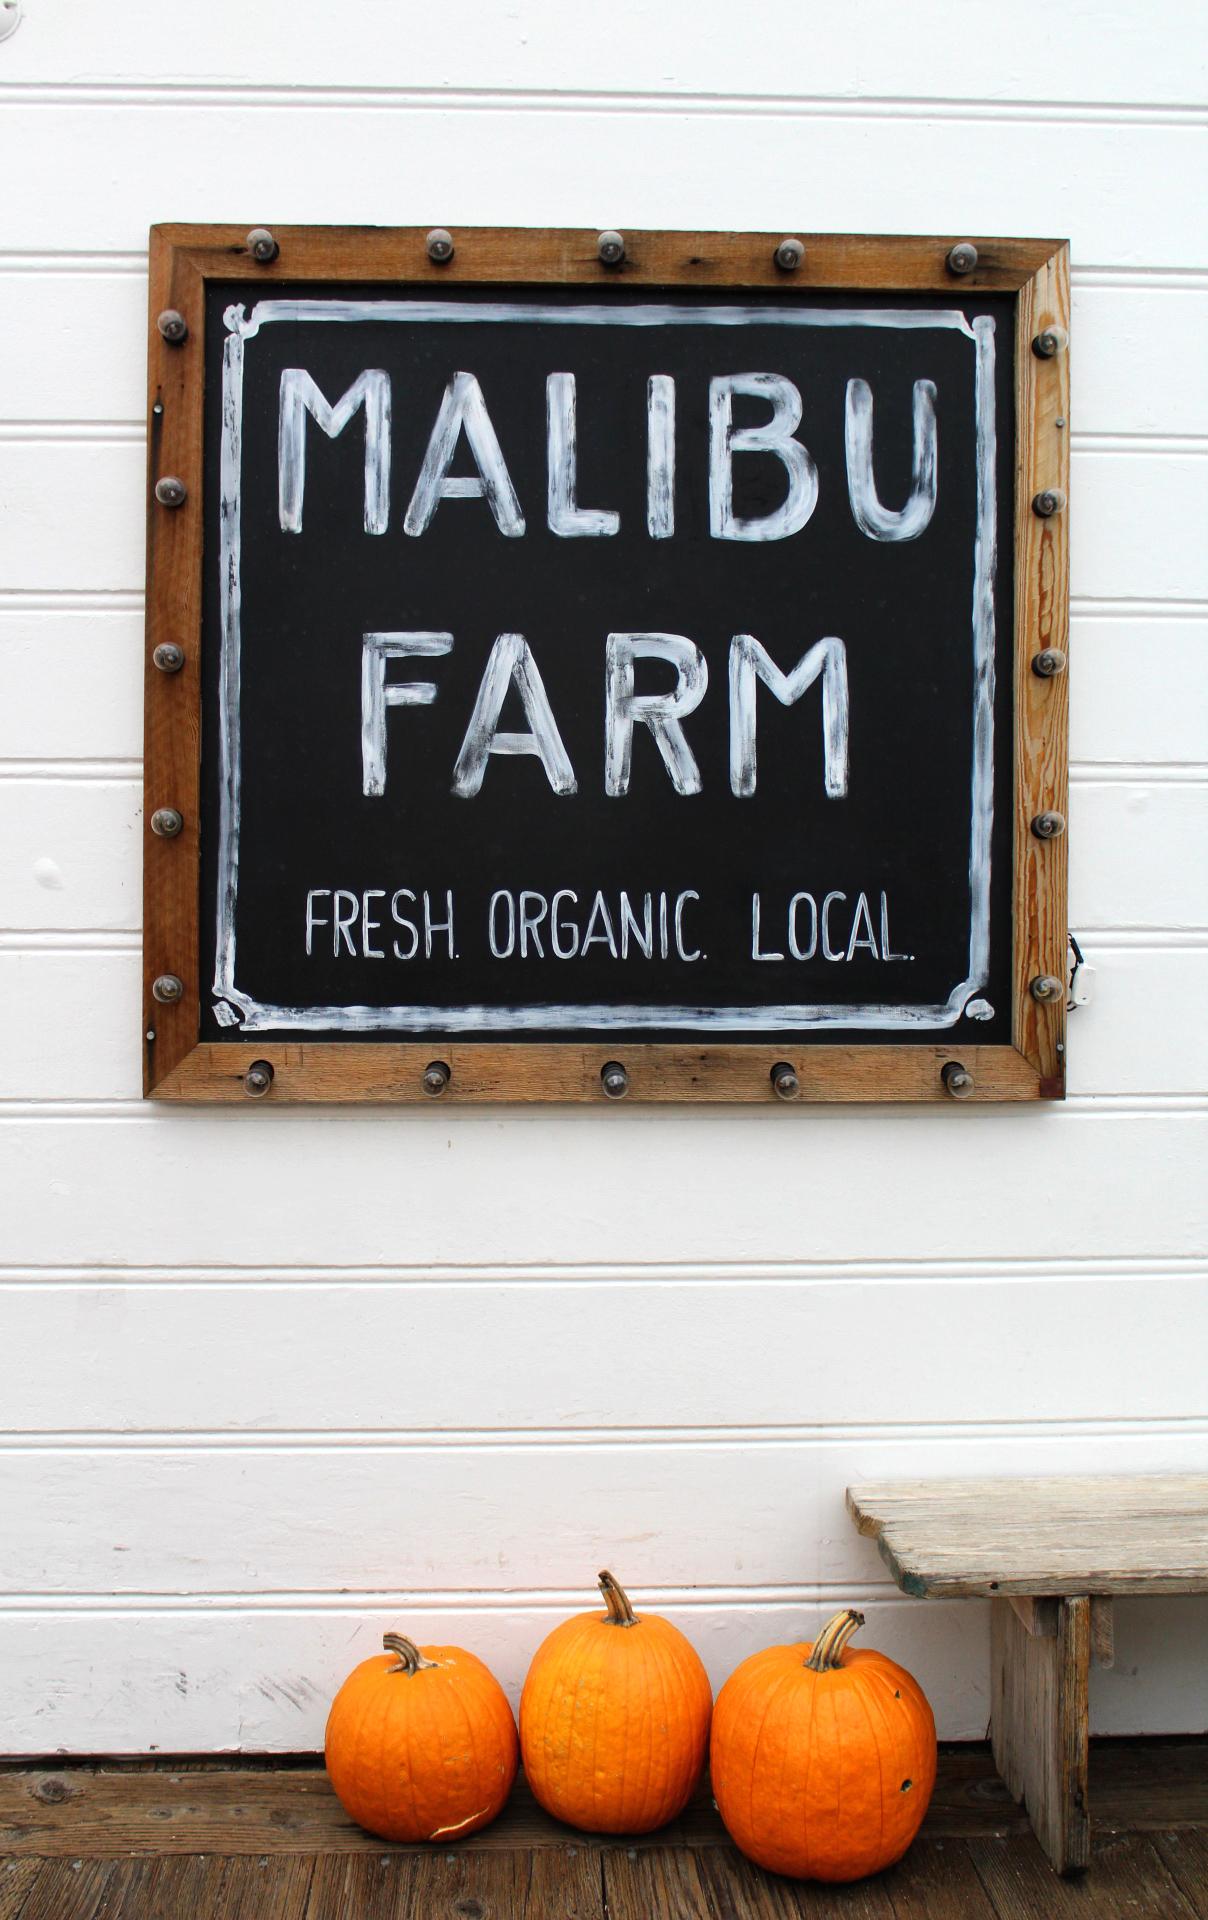 Morning in Malibu